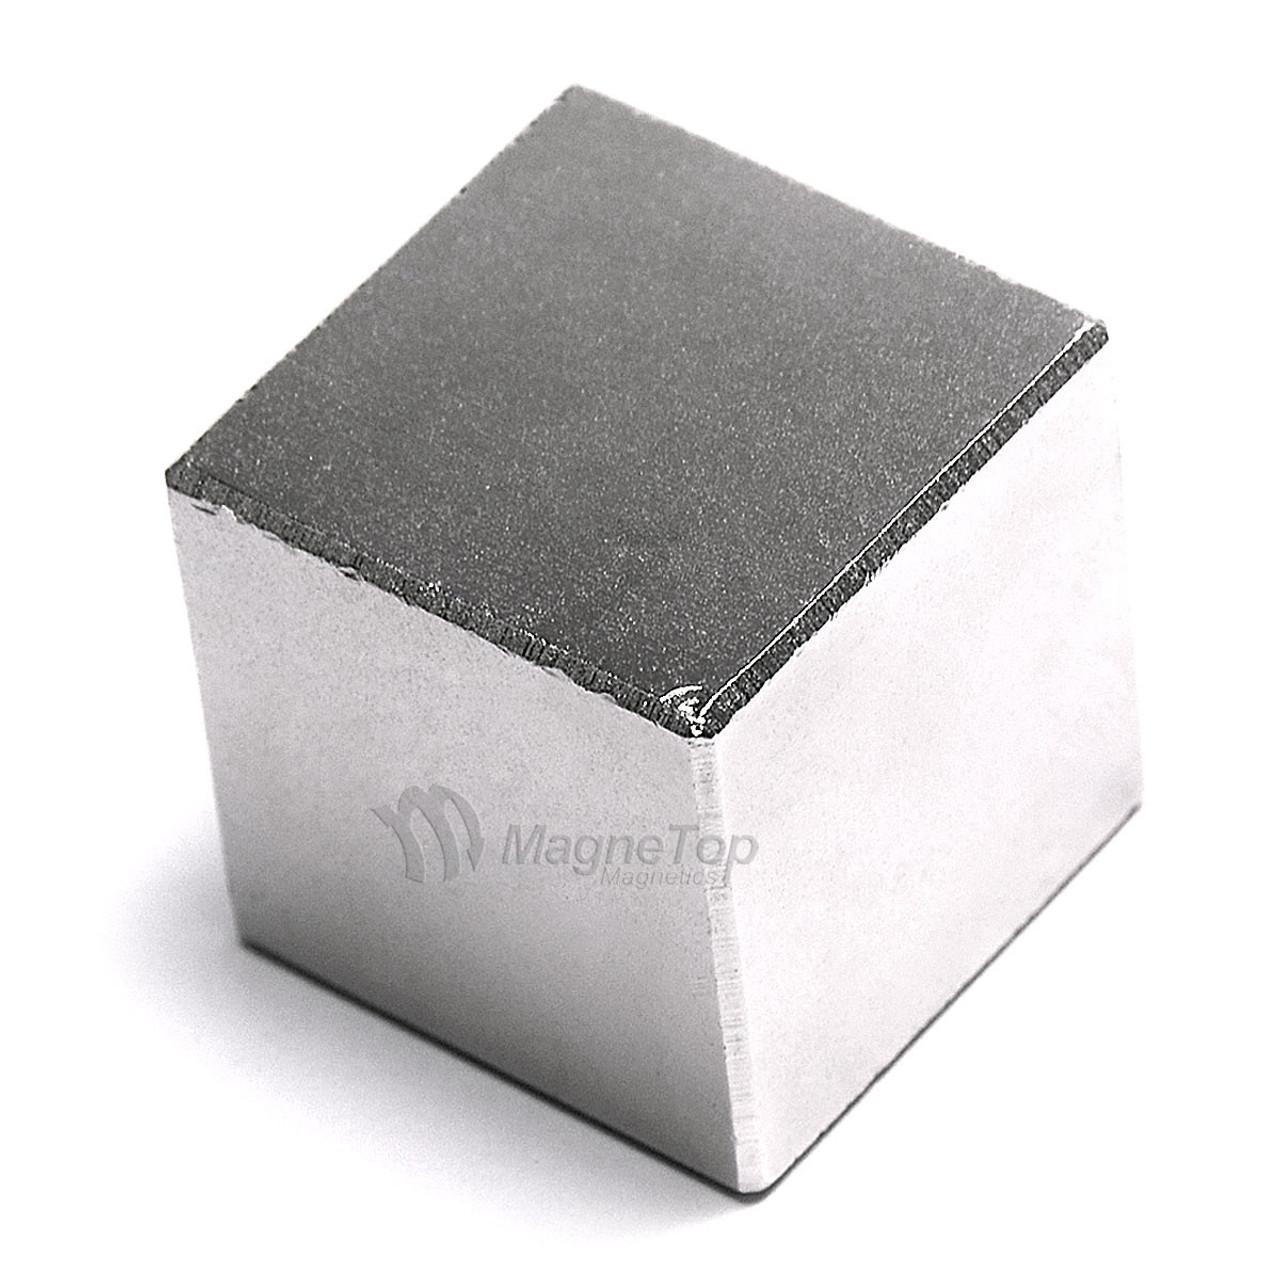 Neodymium Cube  -  25mm x 25mm x 25mm - N52